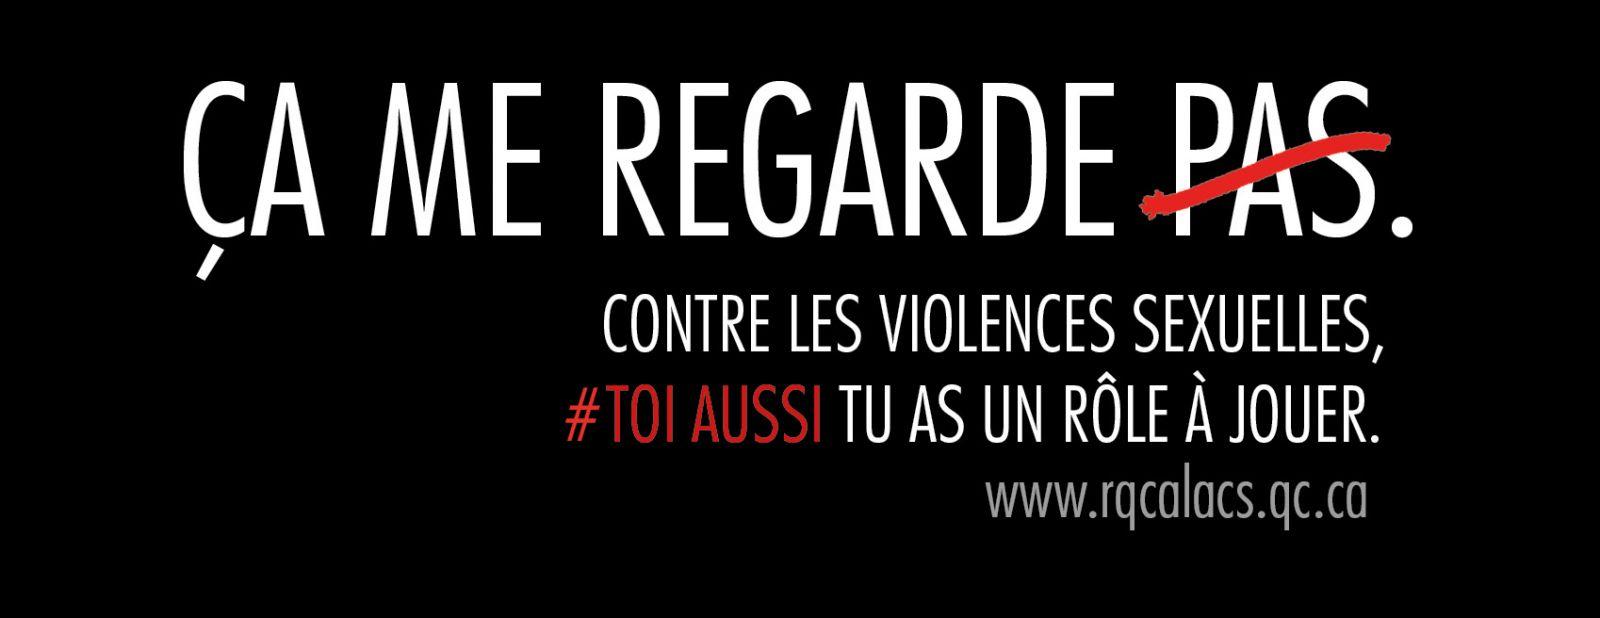 Ainsi, près d'un an après le déclanchement du mouvement #MoiAussi, les CALACS lancent un message clair aux québécois.es : Contre la violence sexuelle, #ToiAussi tu as un rôle à jouer. Avec leur campagne Ça me regarde, les CALACS souhaitent encourager la population à s'engager et à prendre action pour lutter contre la violence sexuelle, parce que nous sommes tous.tes concernés.es par cette problématique sociale.